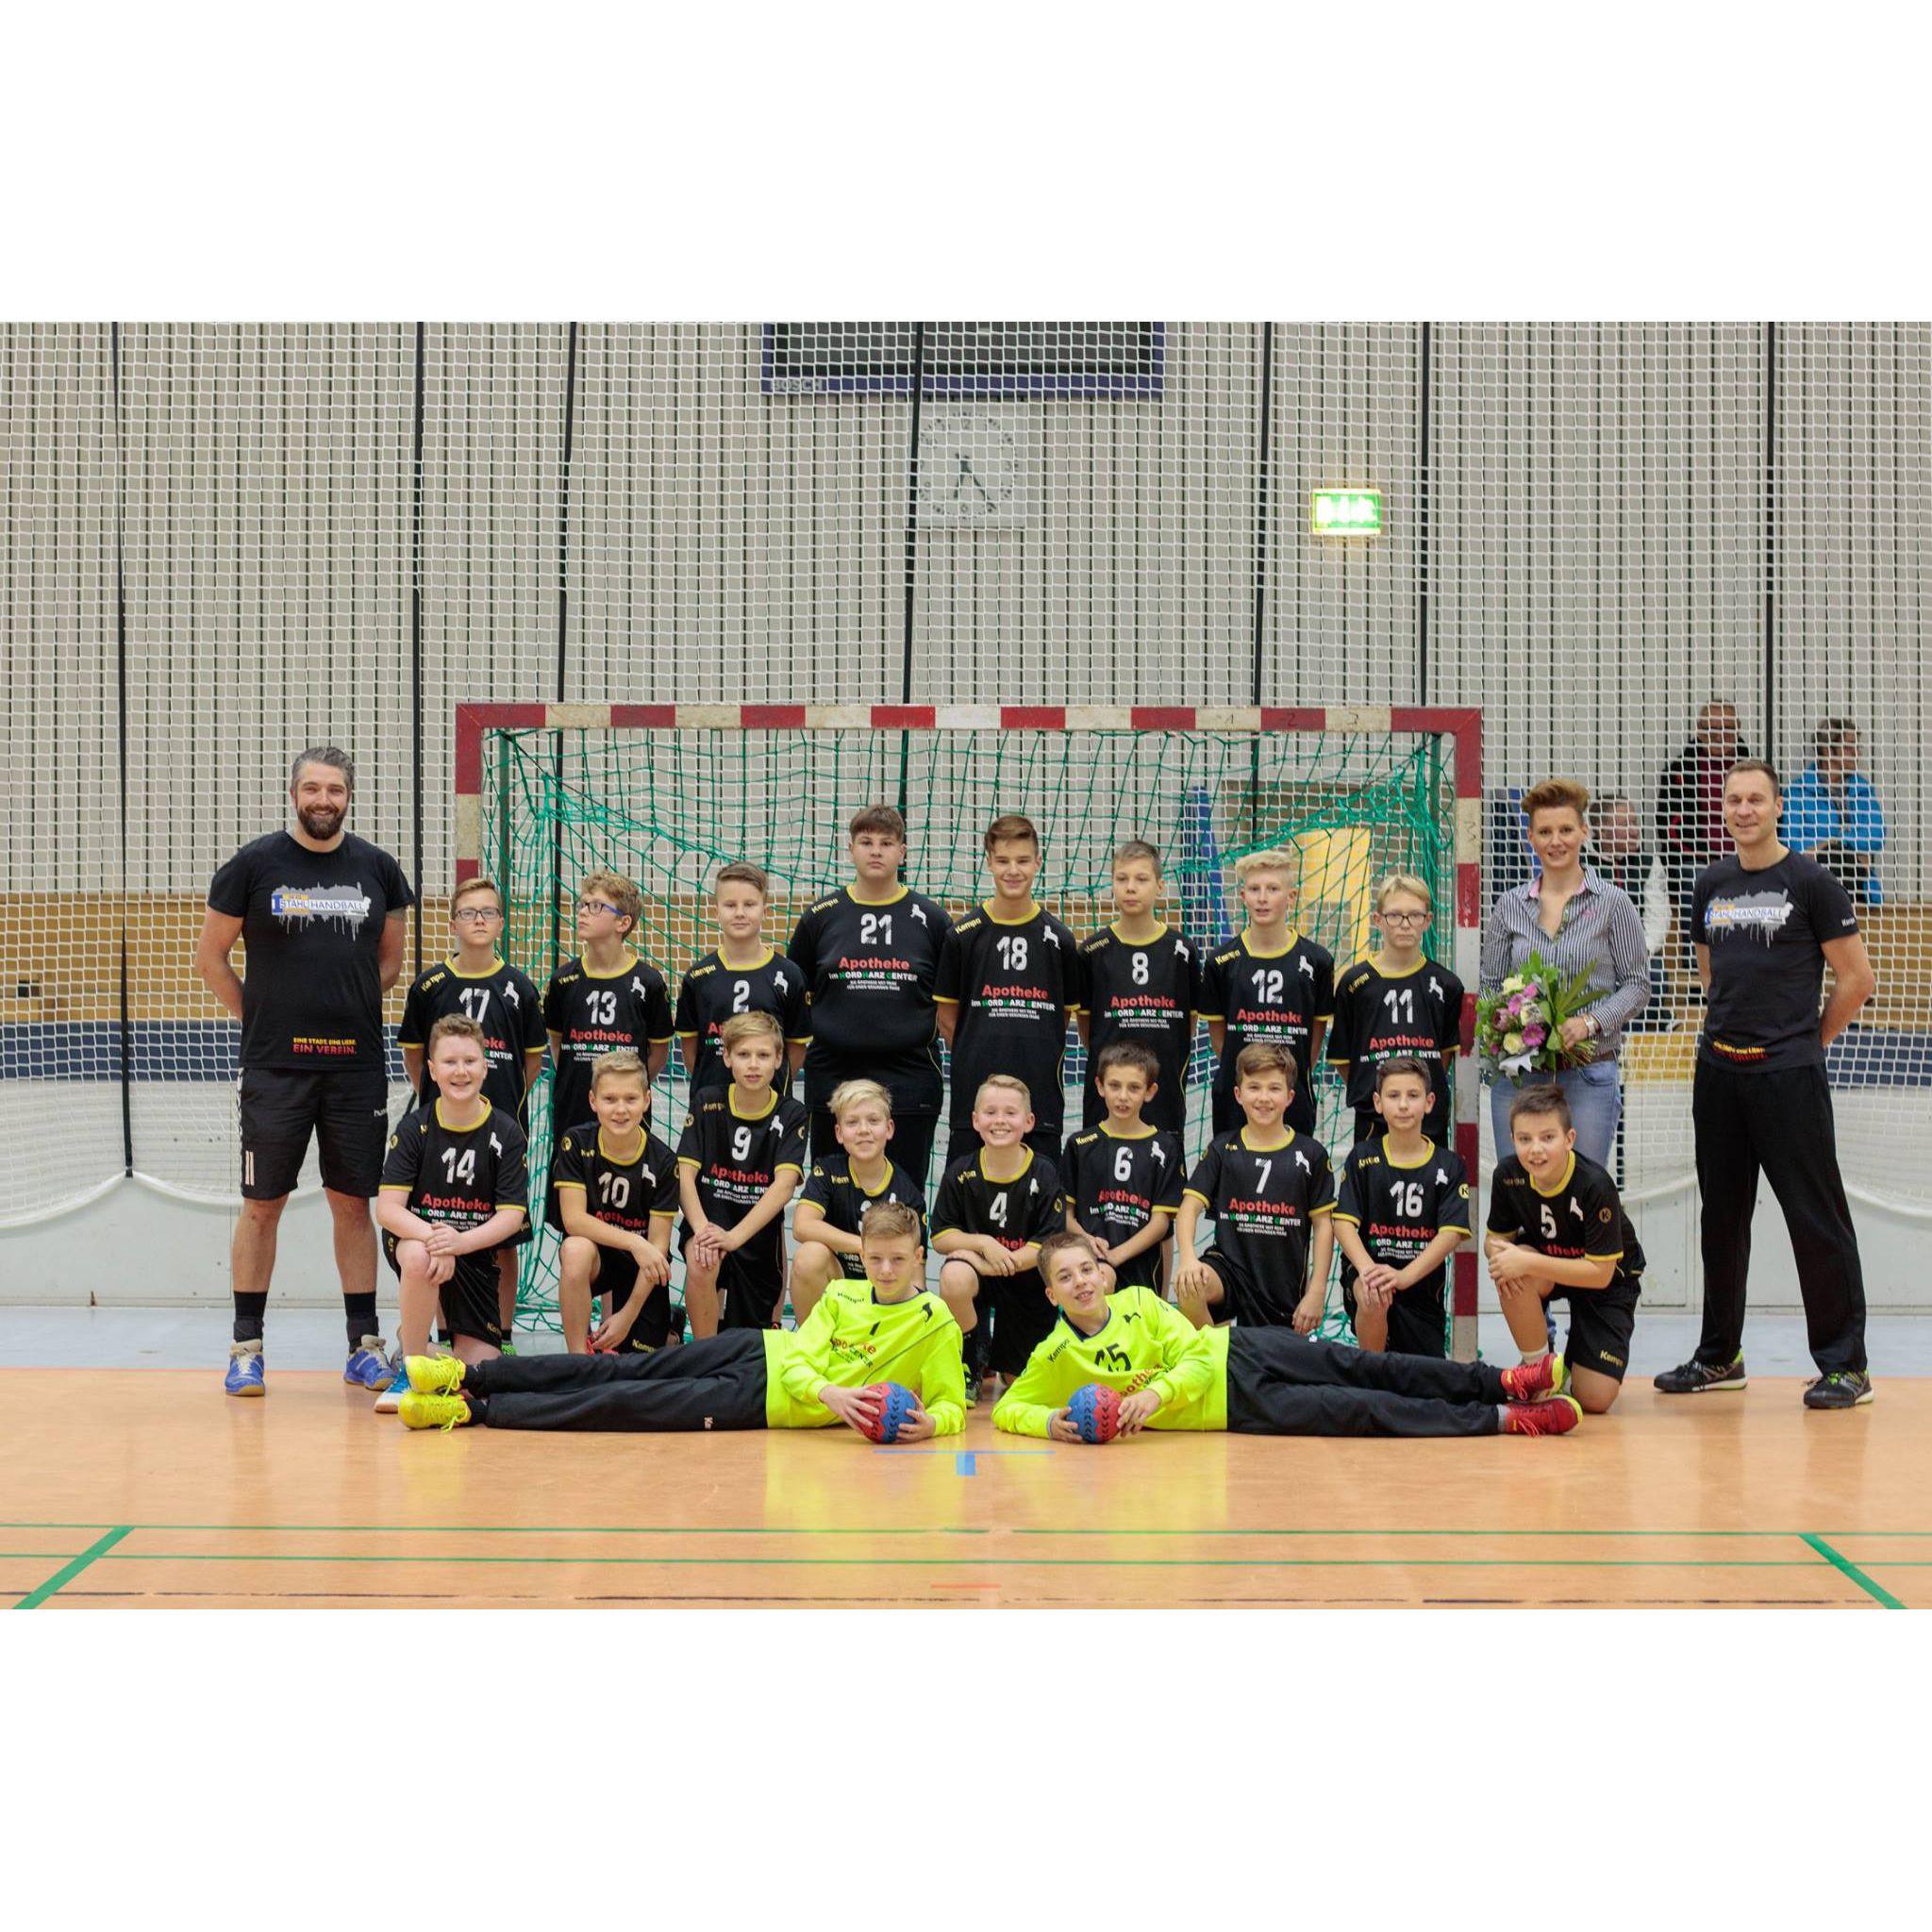 Foto der Mannschaft vom SG Stahl Blankenburg